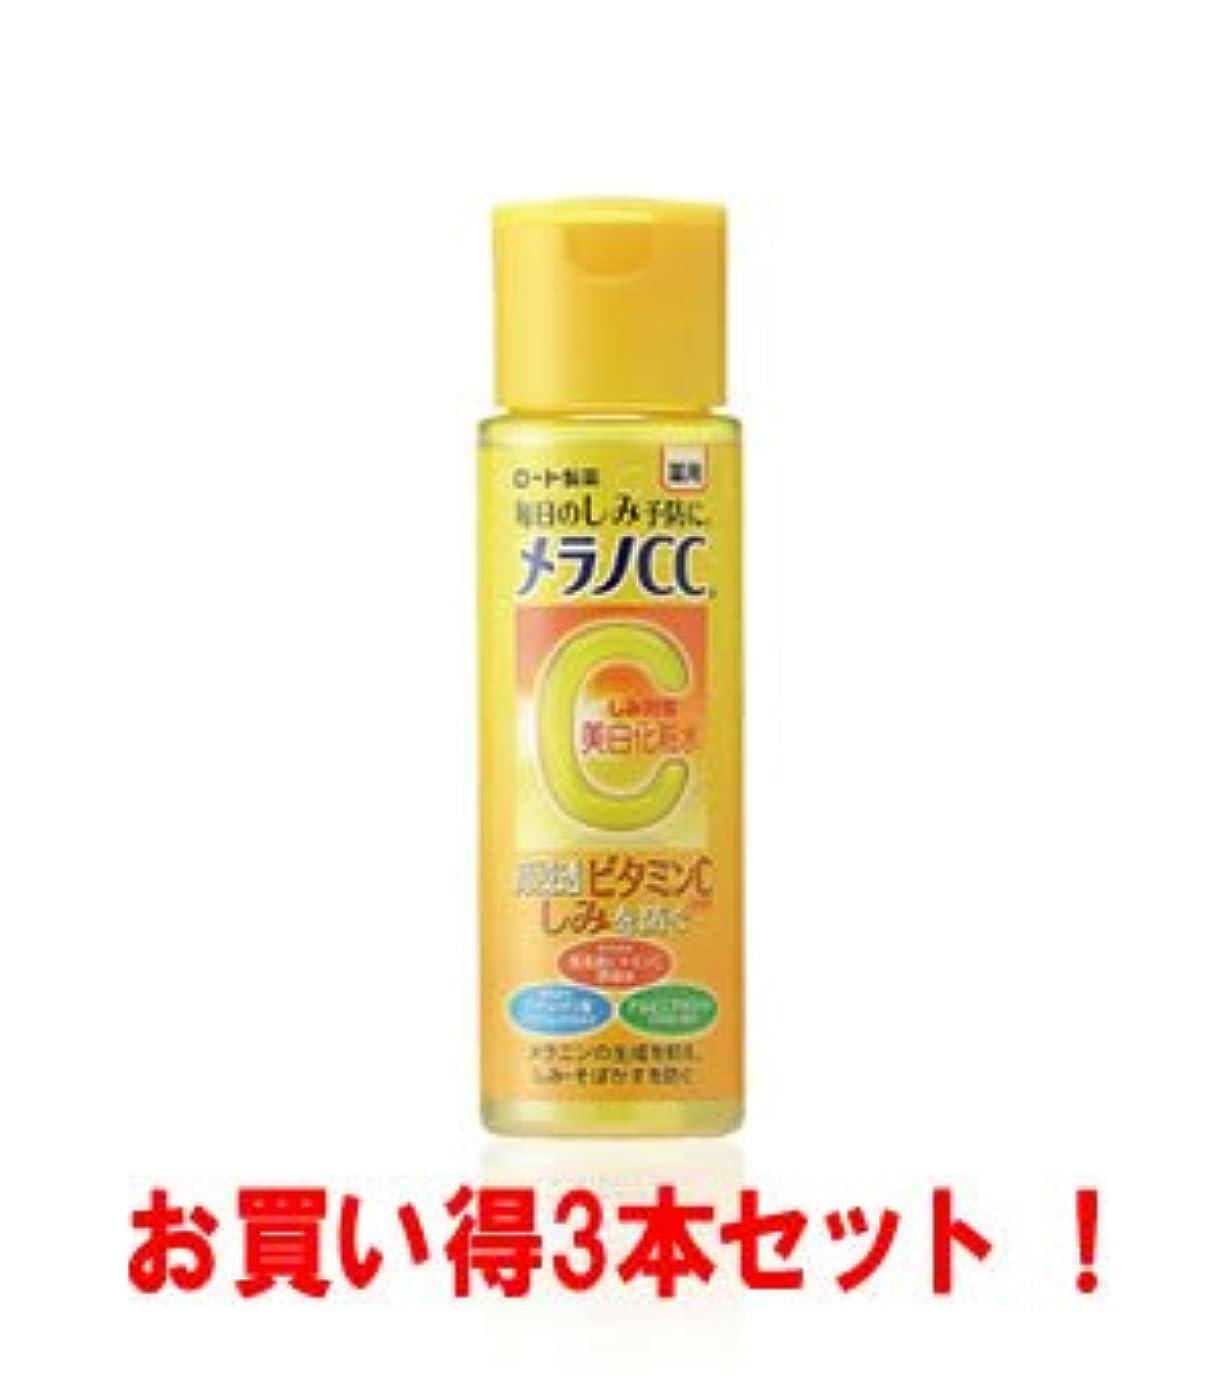 ドック倒錯変化(お買い得3本セット)メラノCC 薬用しみ対策美白化粧水(医薬部外品)170ml